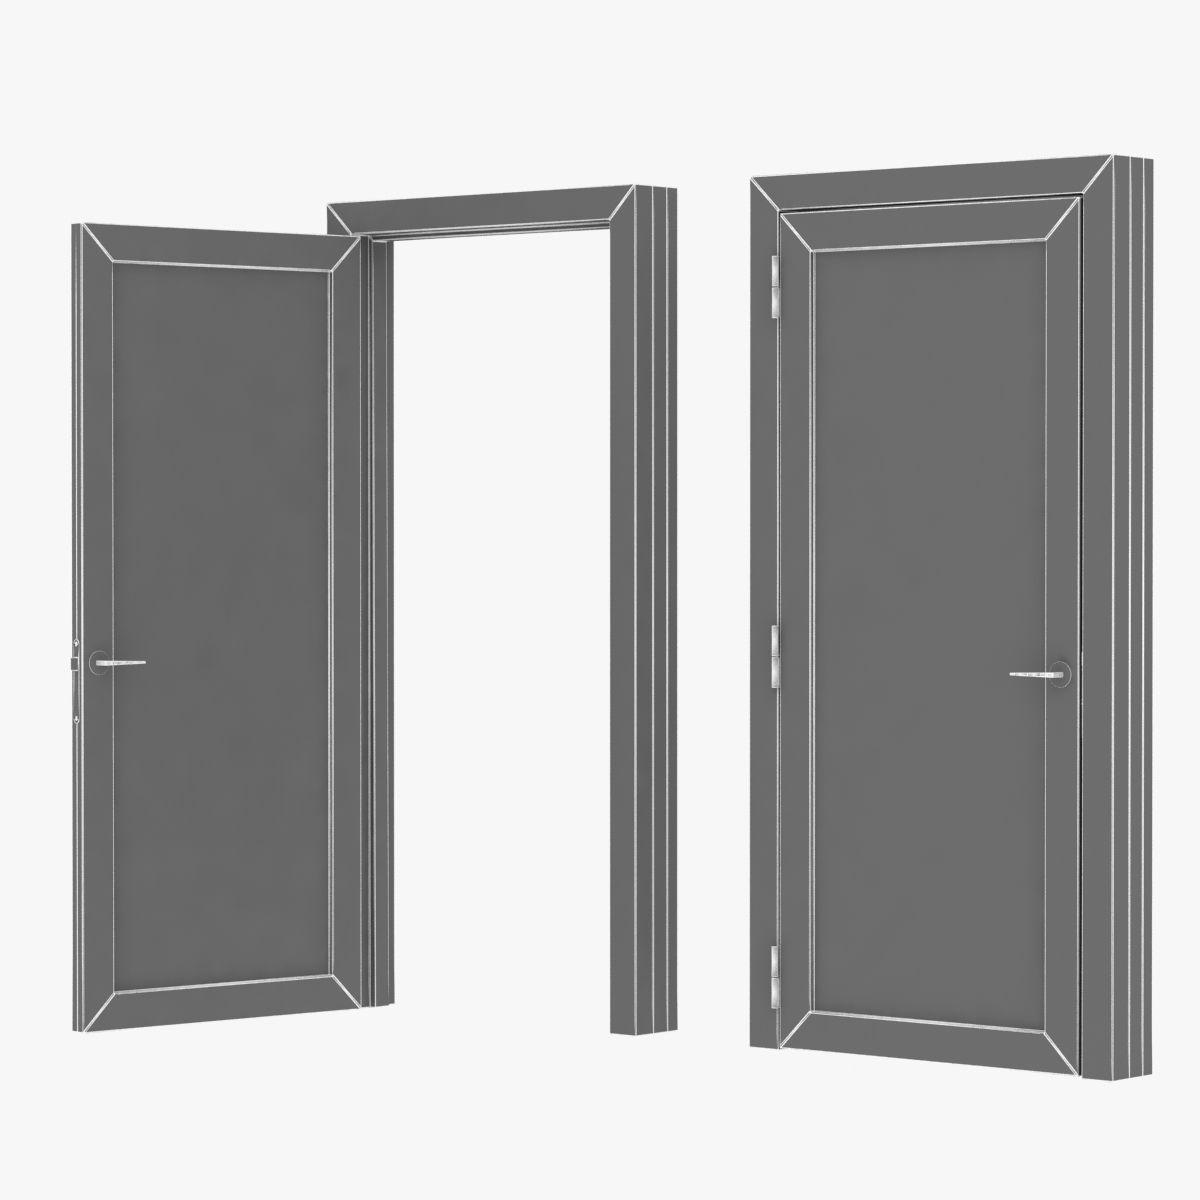 dark wooden modern door open and closed 3D CGTrader